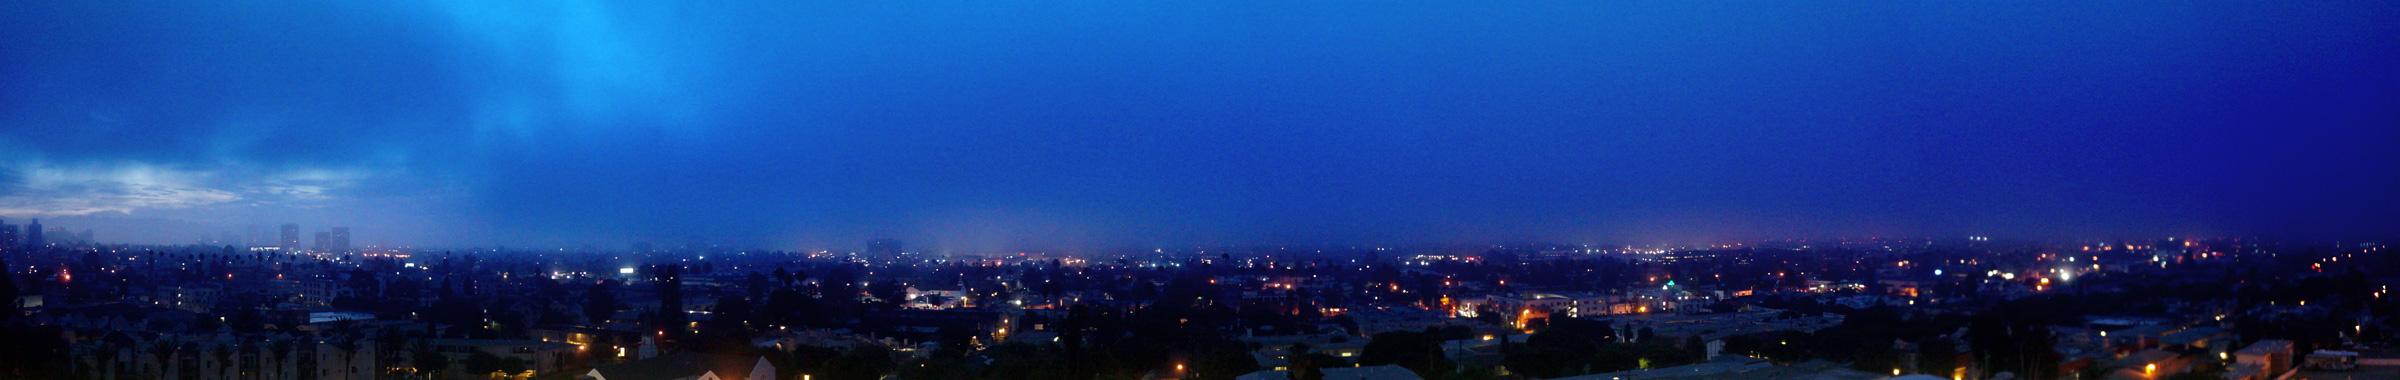 CKE_Night_2014-07a